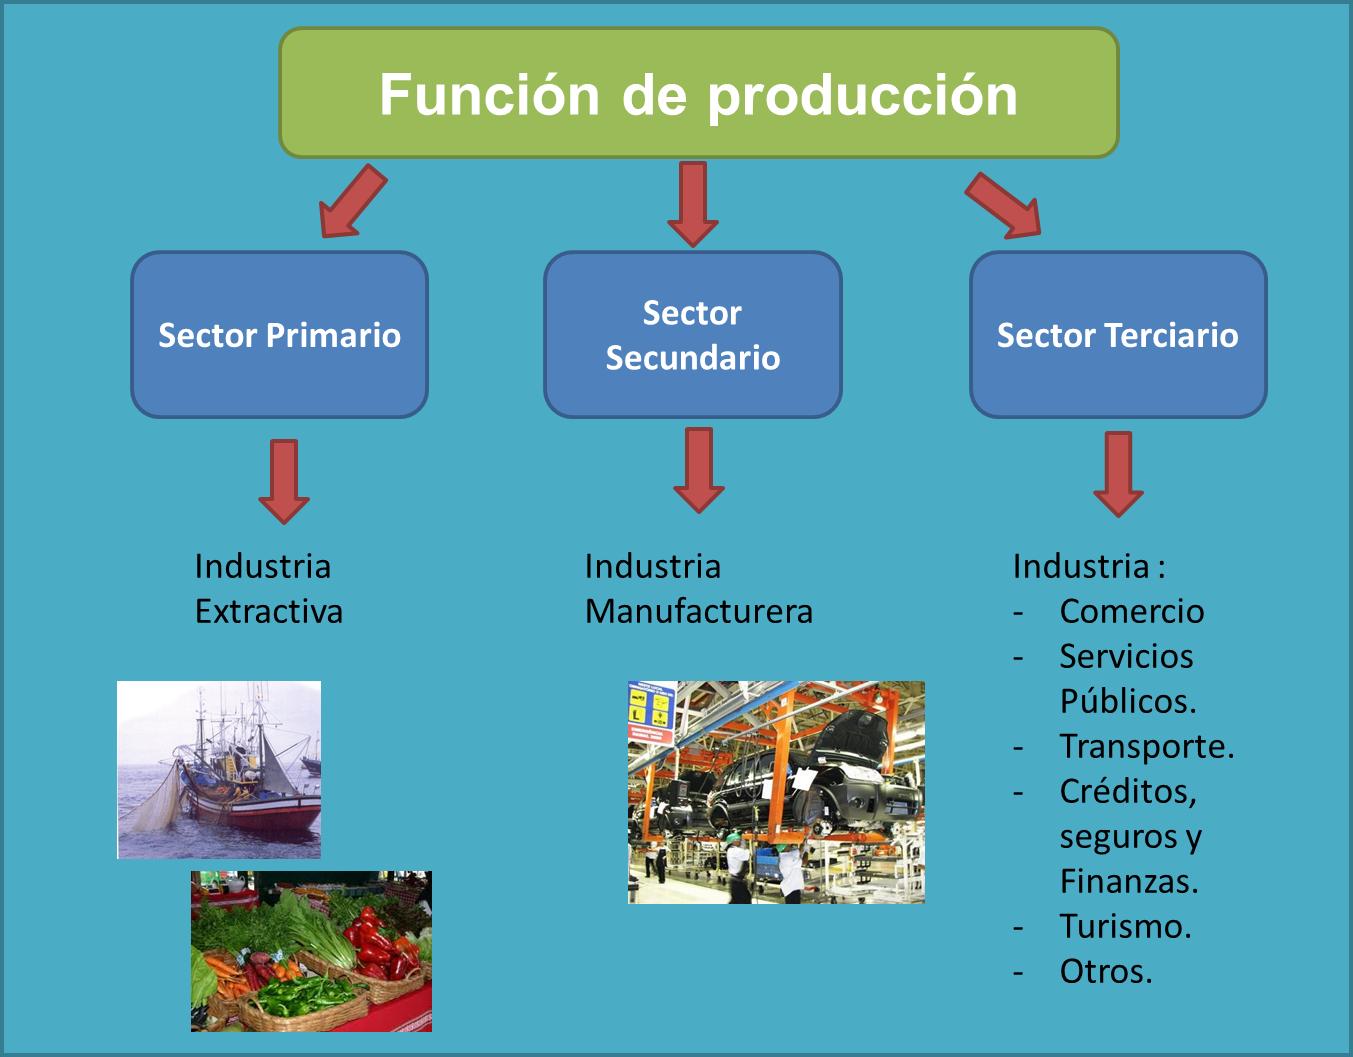 Business and business costos y presupuestos introducci n for Funcion de salida